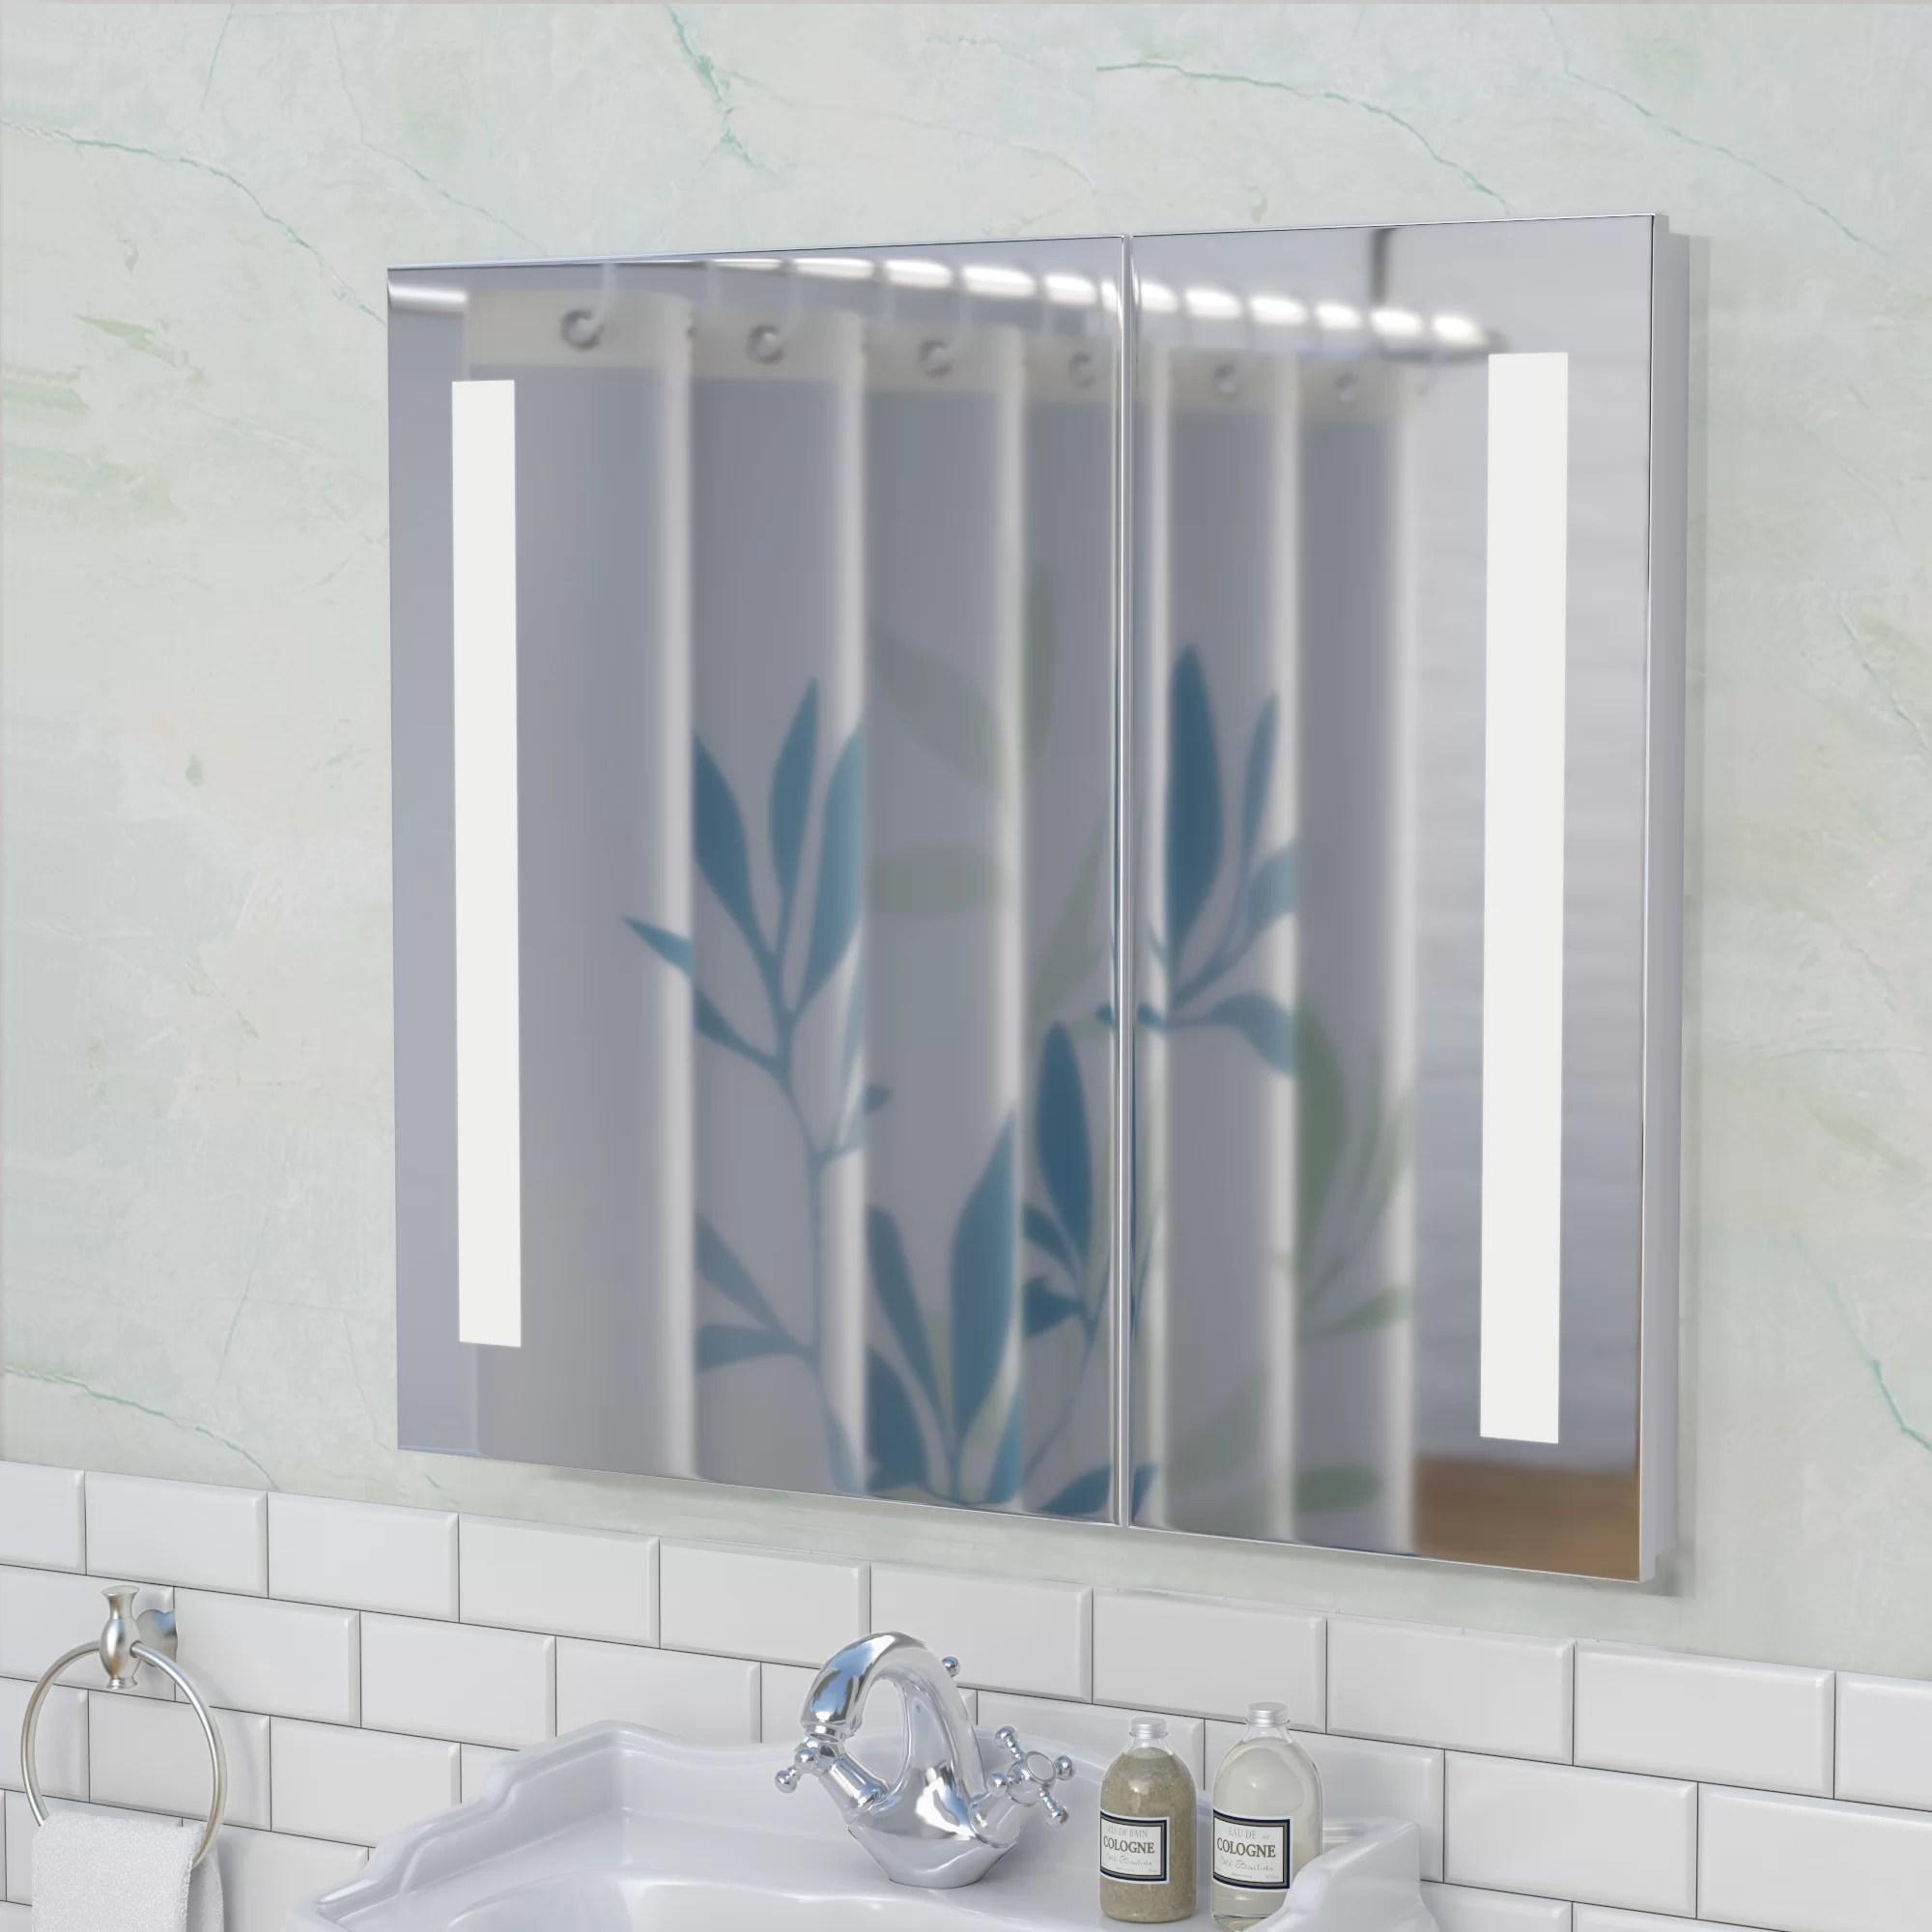 Orren Ellis Aldreth 31 5 X 27 75 Recessed Frameless Medicine Cabinet With 2 Adjustable Shelves And Led Lighting Reviews Wayfair